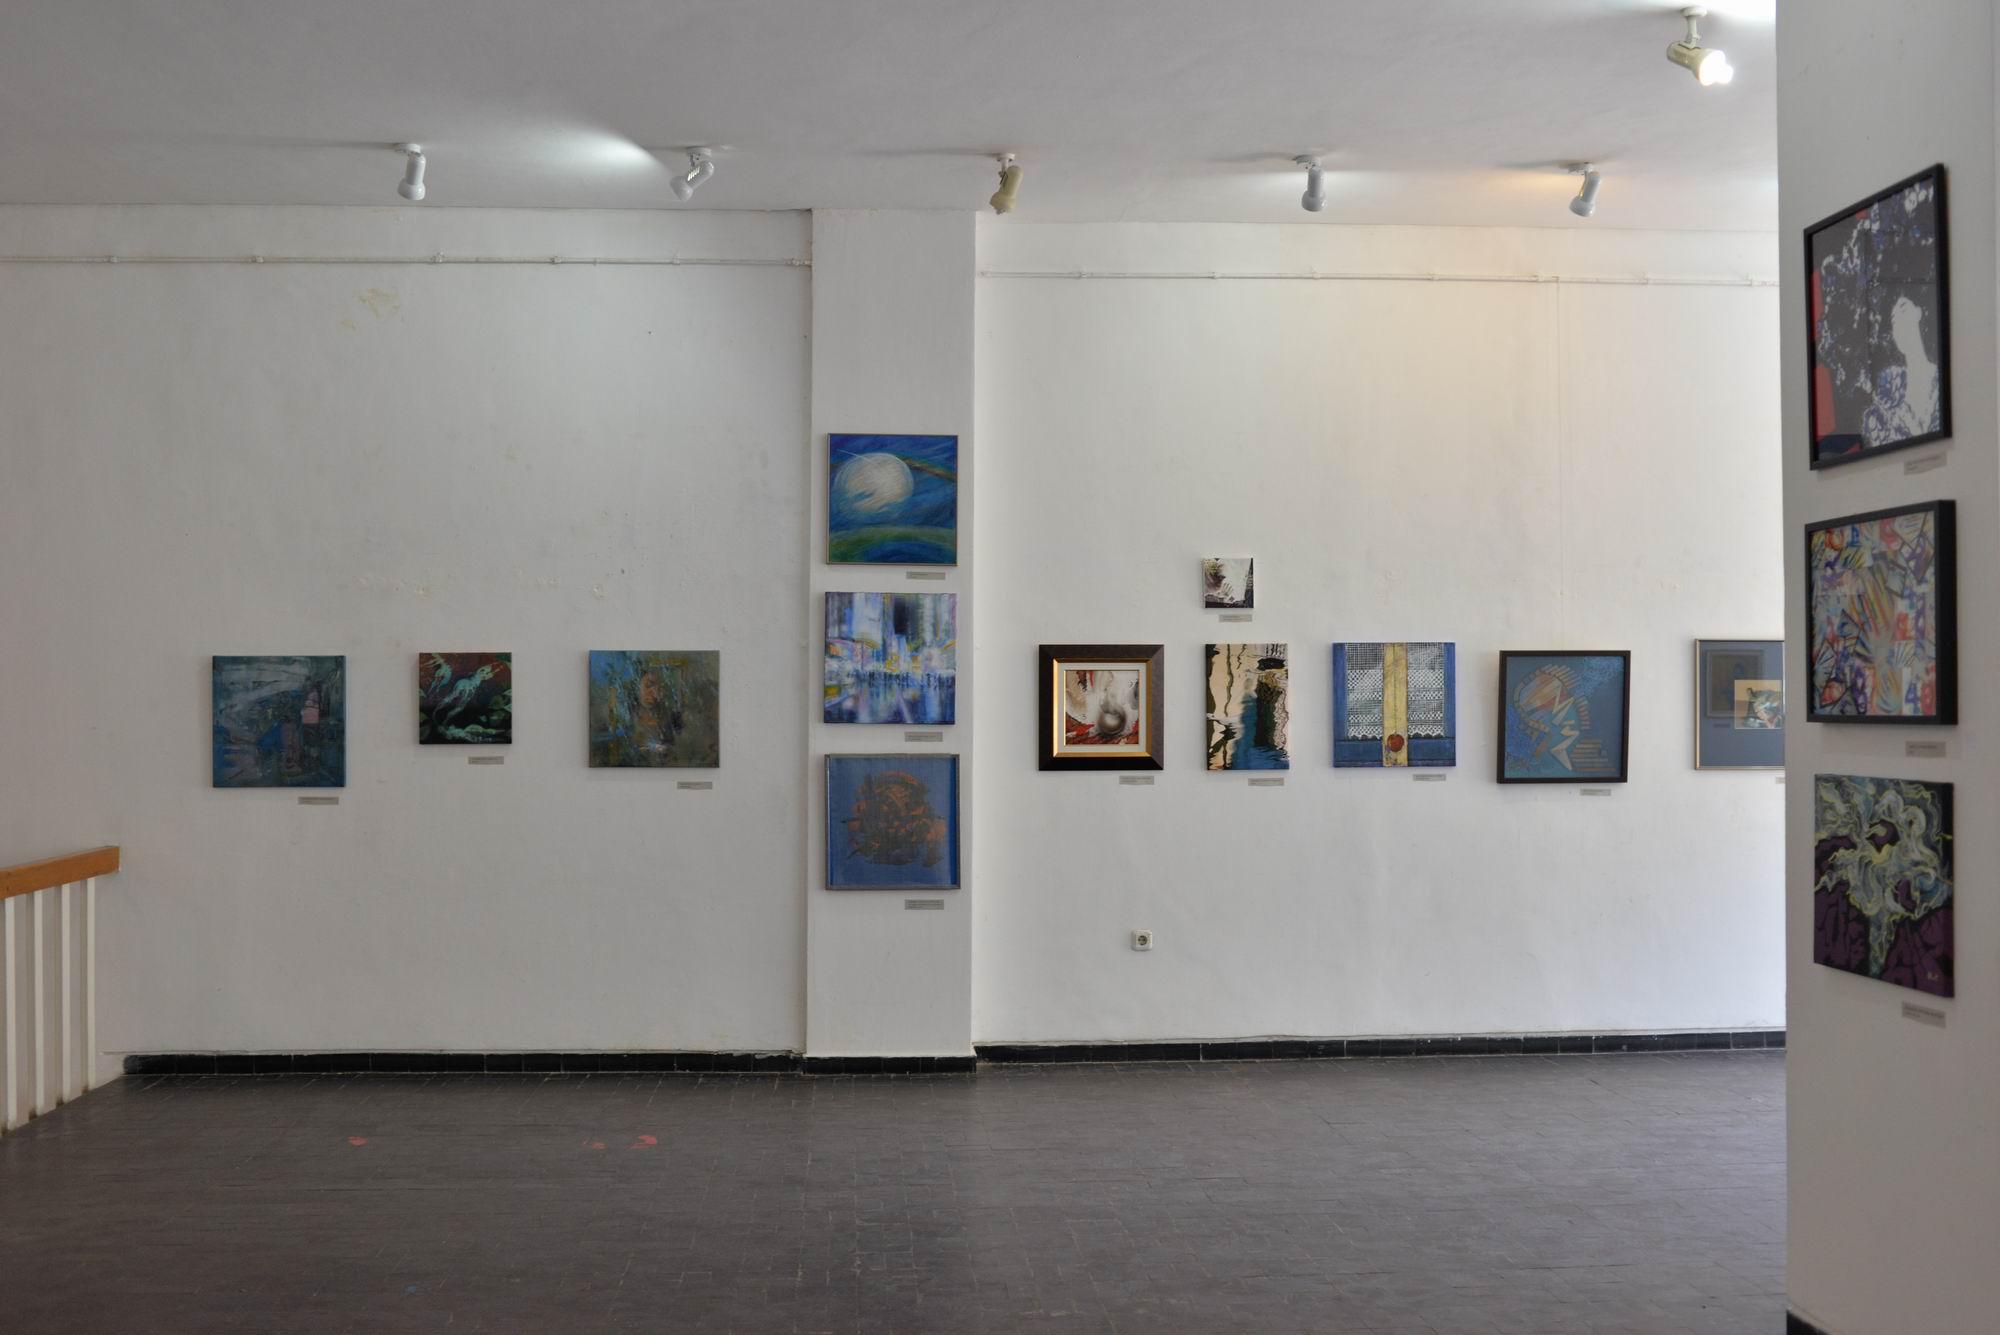 salonul mic bucuresti 2016 LM_0026